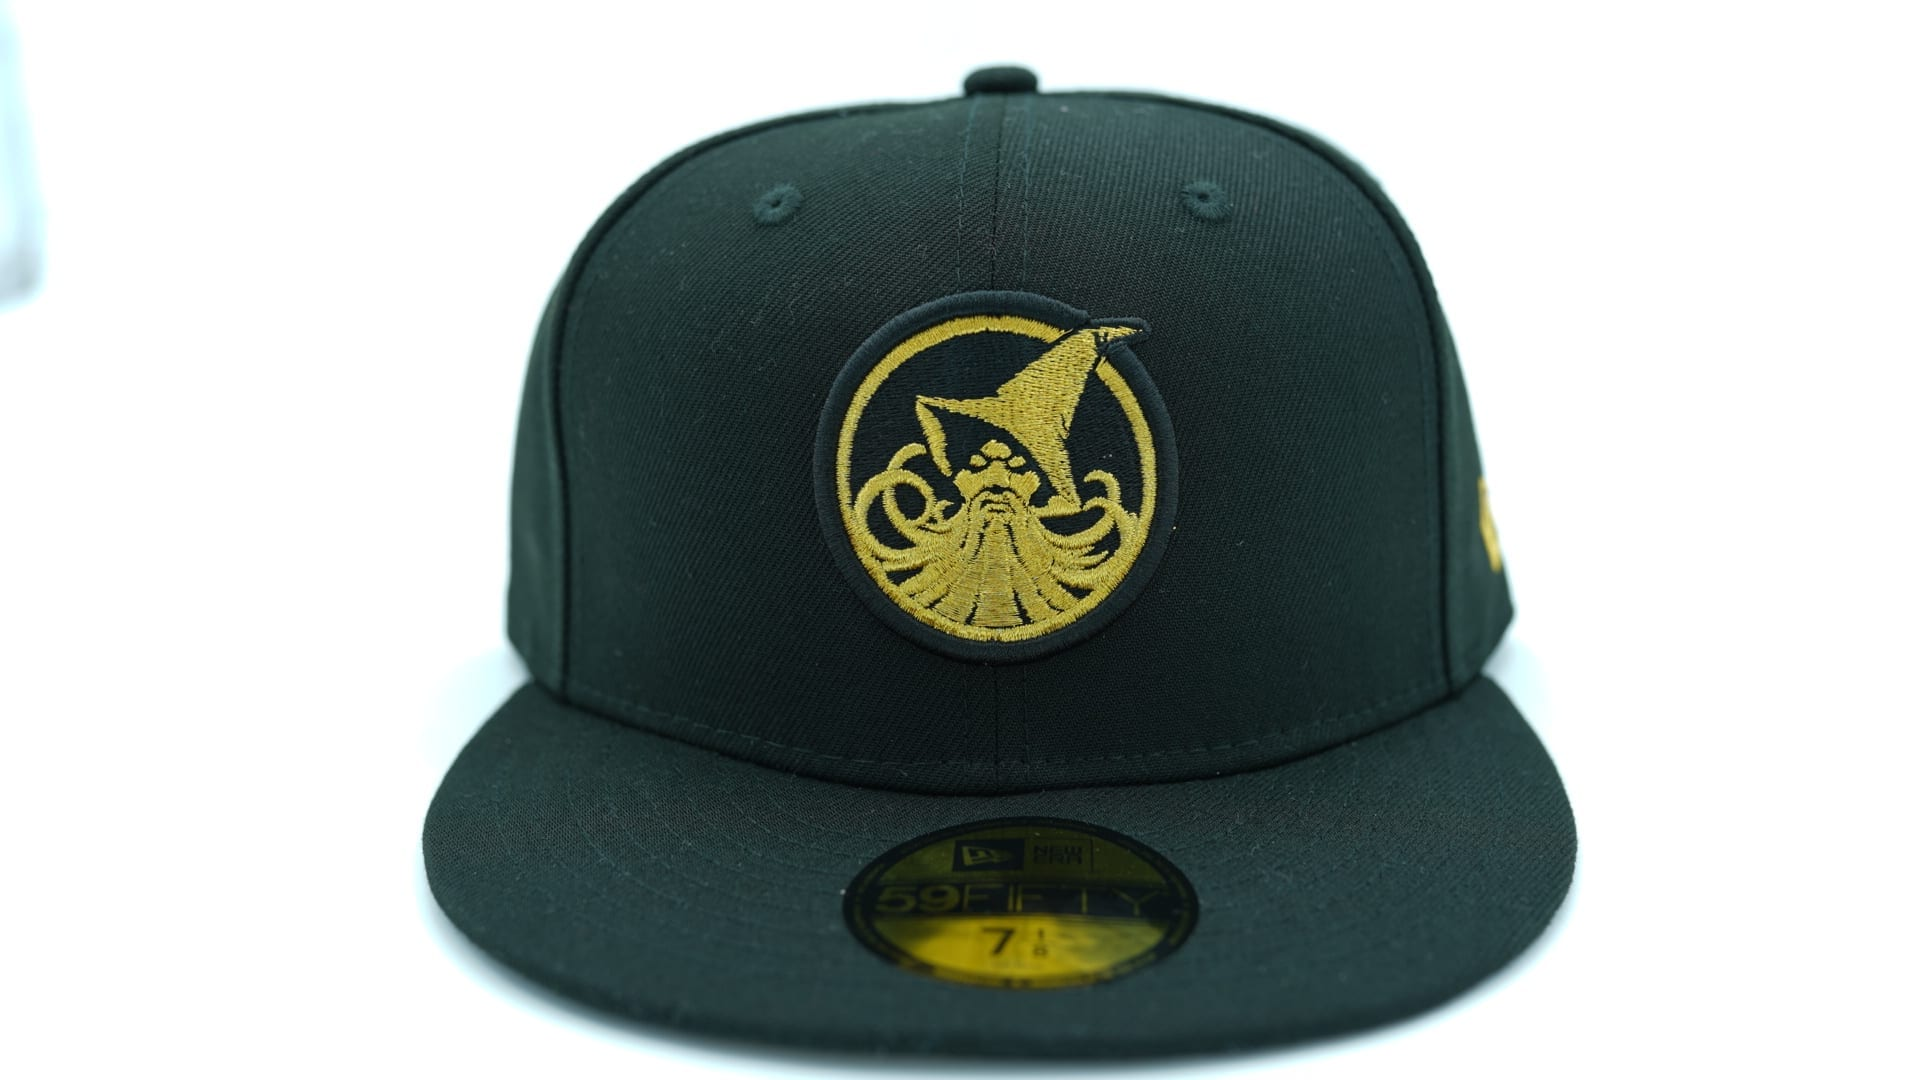 Batman Symbol Stargazer 59Fifty Cap by DC COMICS x NEW ERA ... 1772b4580dad